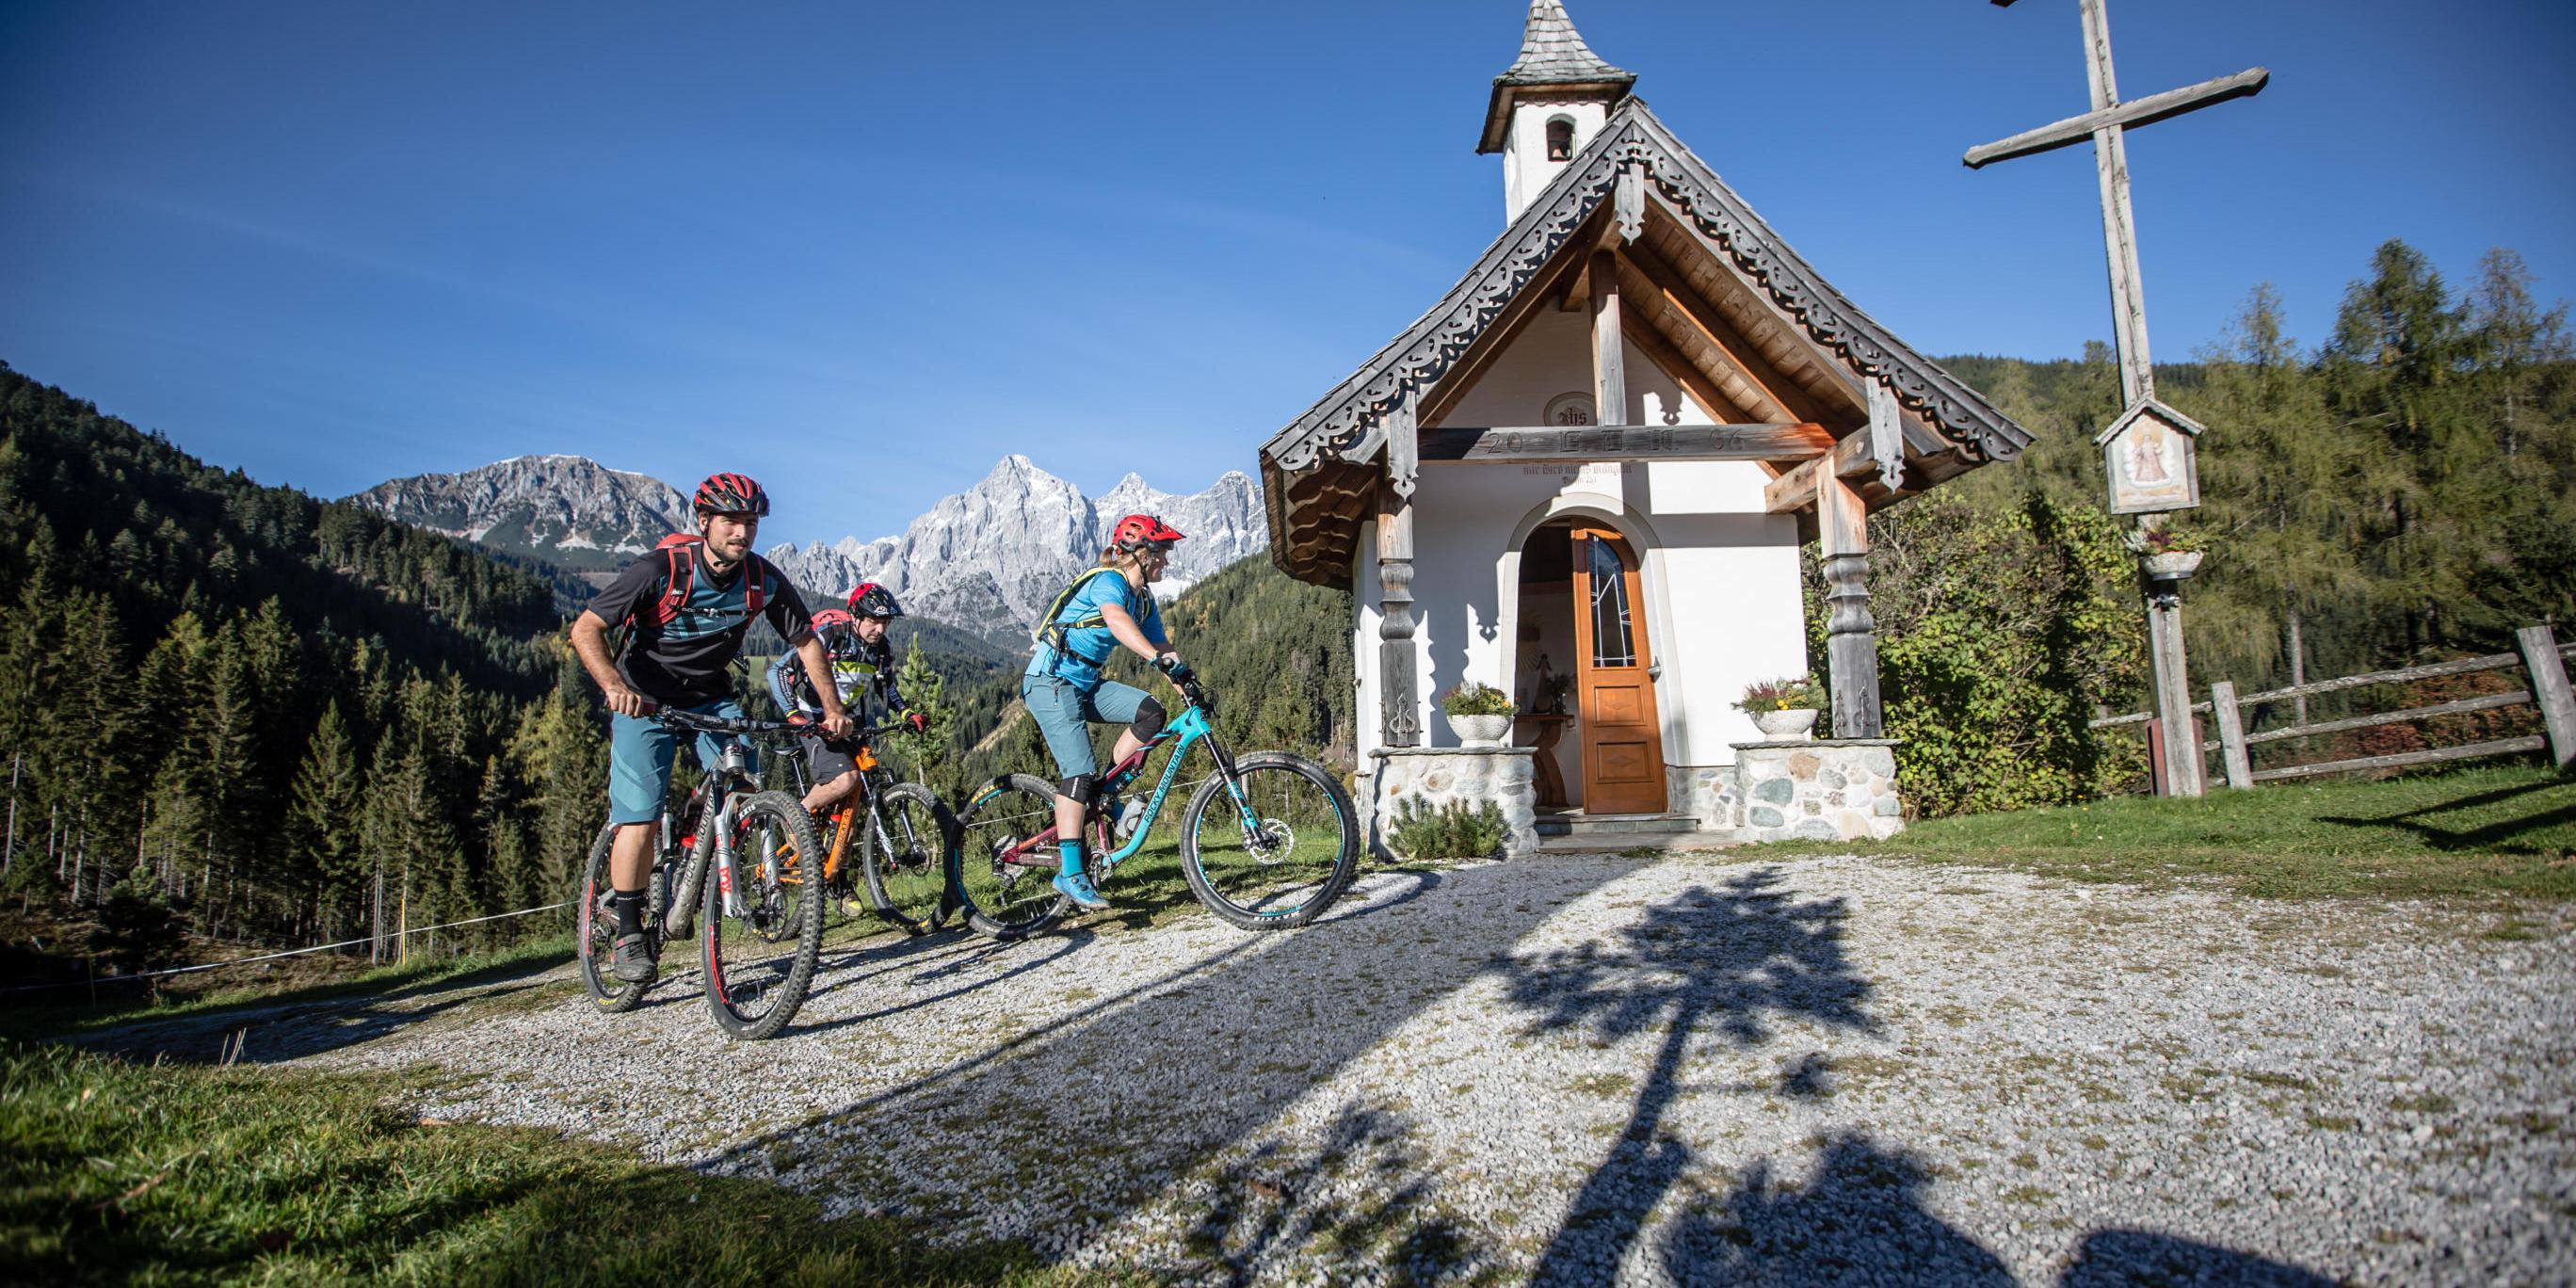 Mountainbike-Tour Stoneman Taurista MTB zwei Tage Silber: Kapelle am Checkpoint Mandlberggut im Salzburger Land (Österreich)